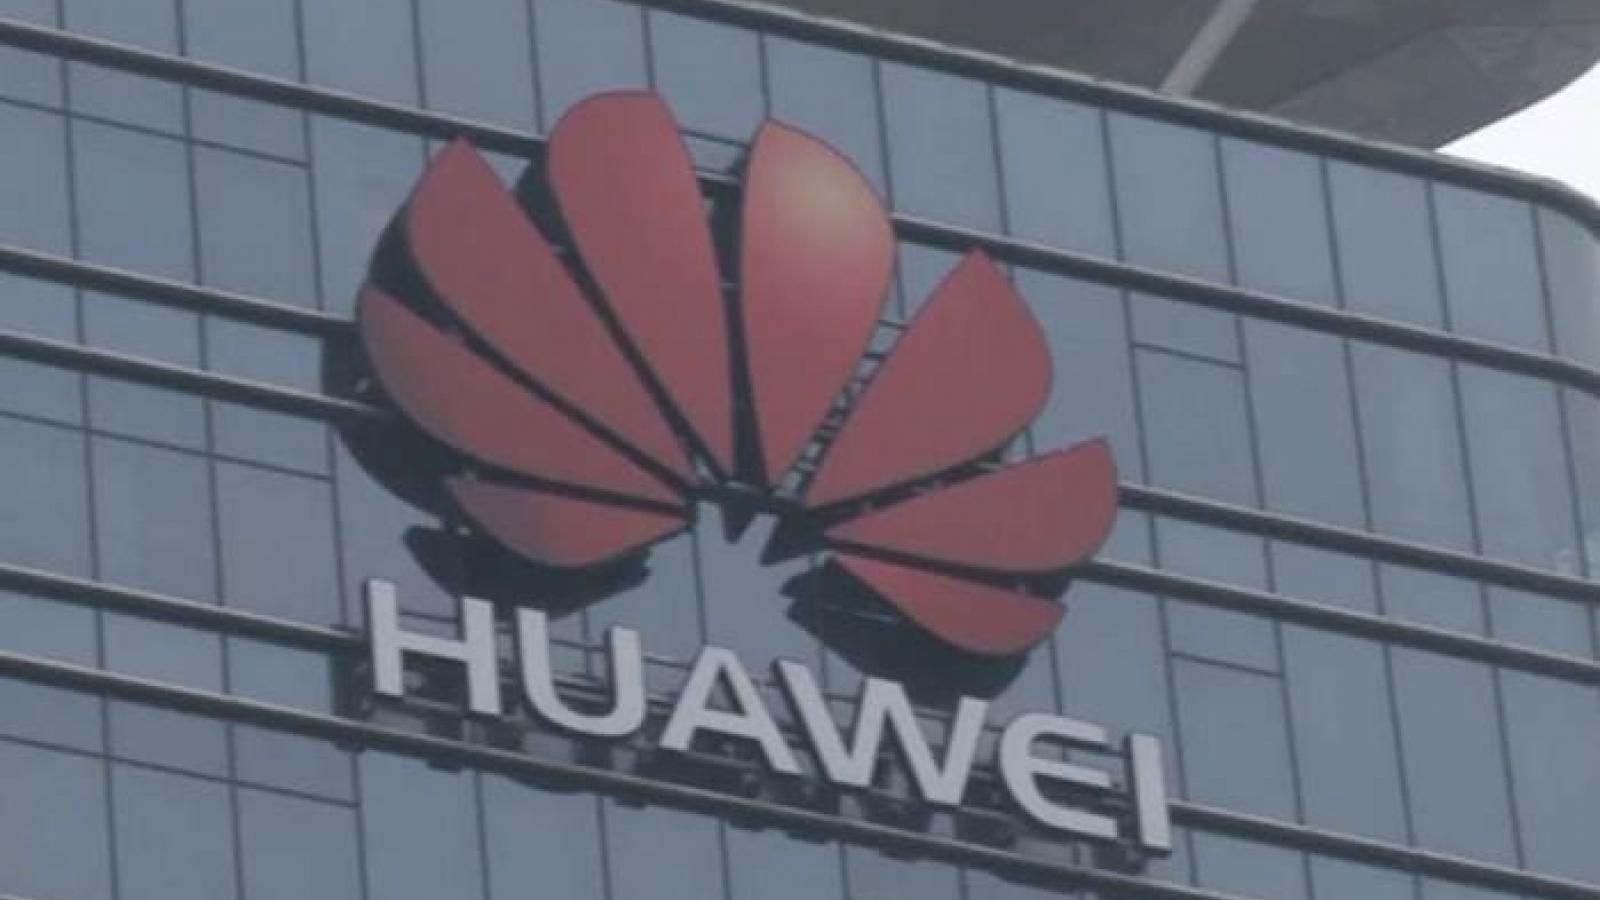 New Zealand không cấm Huawei